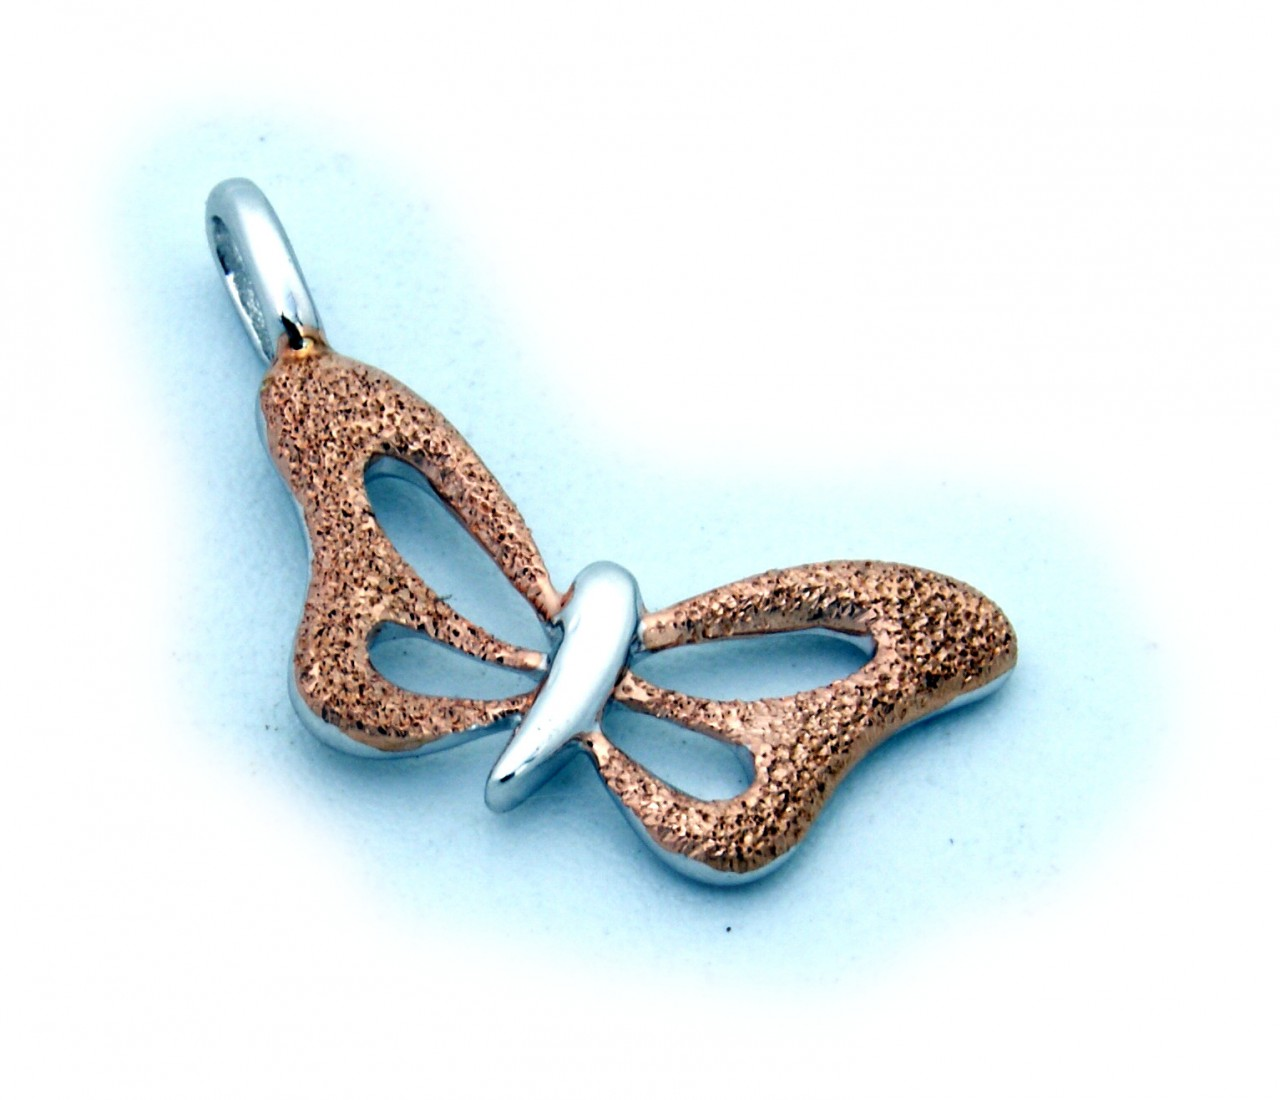 Neu Anhänger Schmetterling echt Silber 925 Sterlingsilber rot vergoldet diamantiert